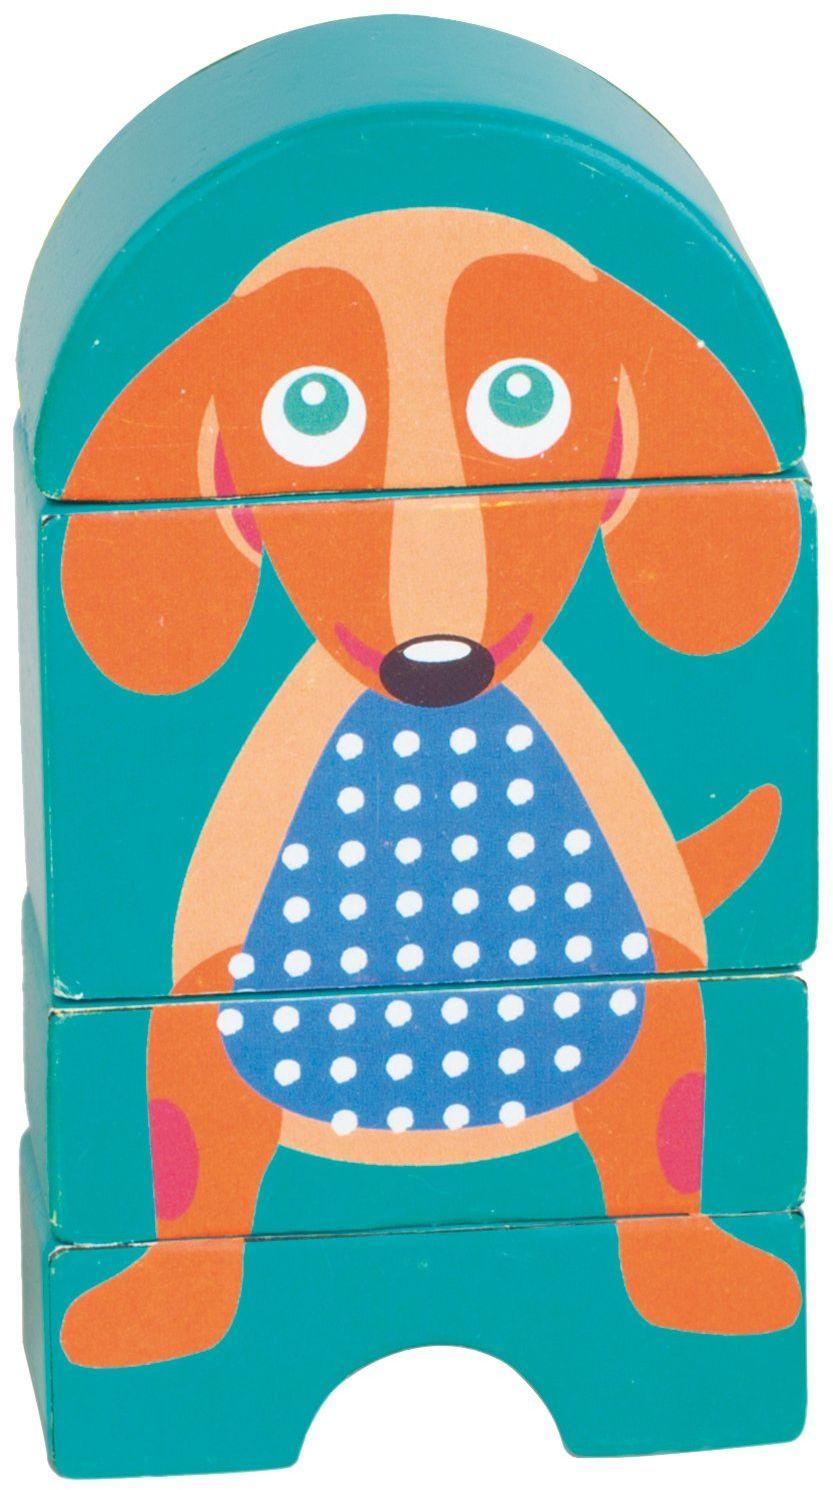 OOPS 16007.22 kolekcja zabawek Easy Click pies drewniane puzzle magnetyczne, wielokolorowe